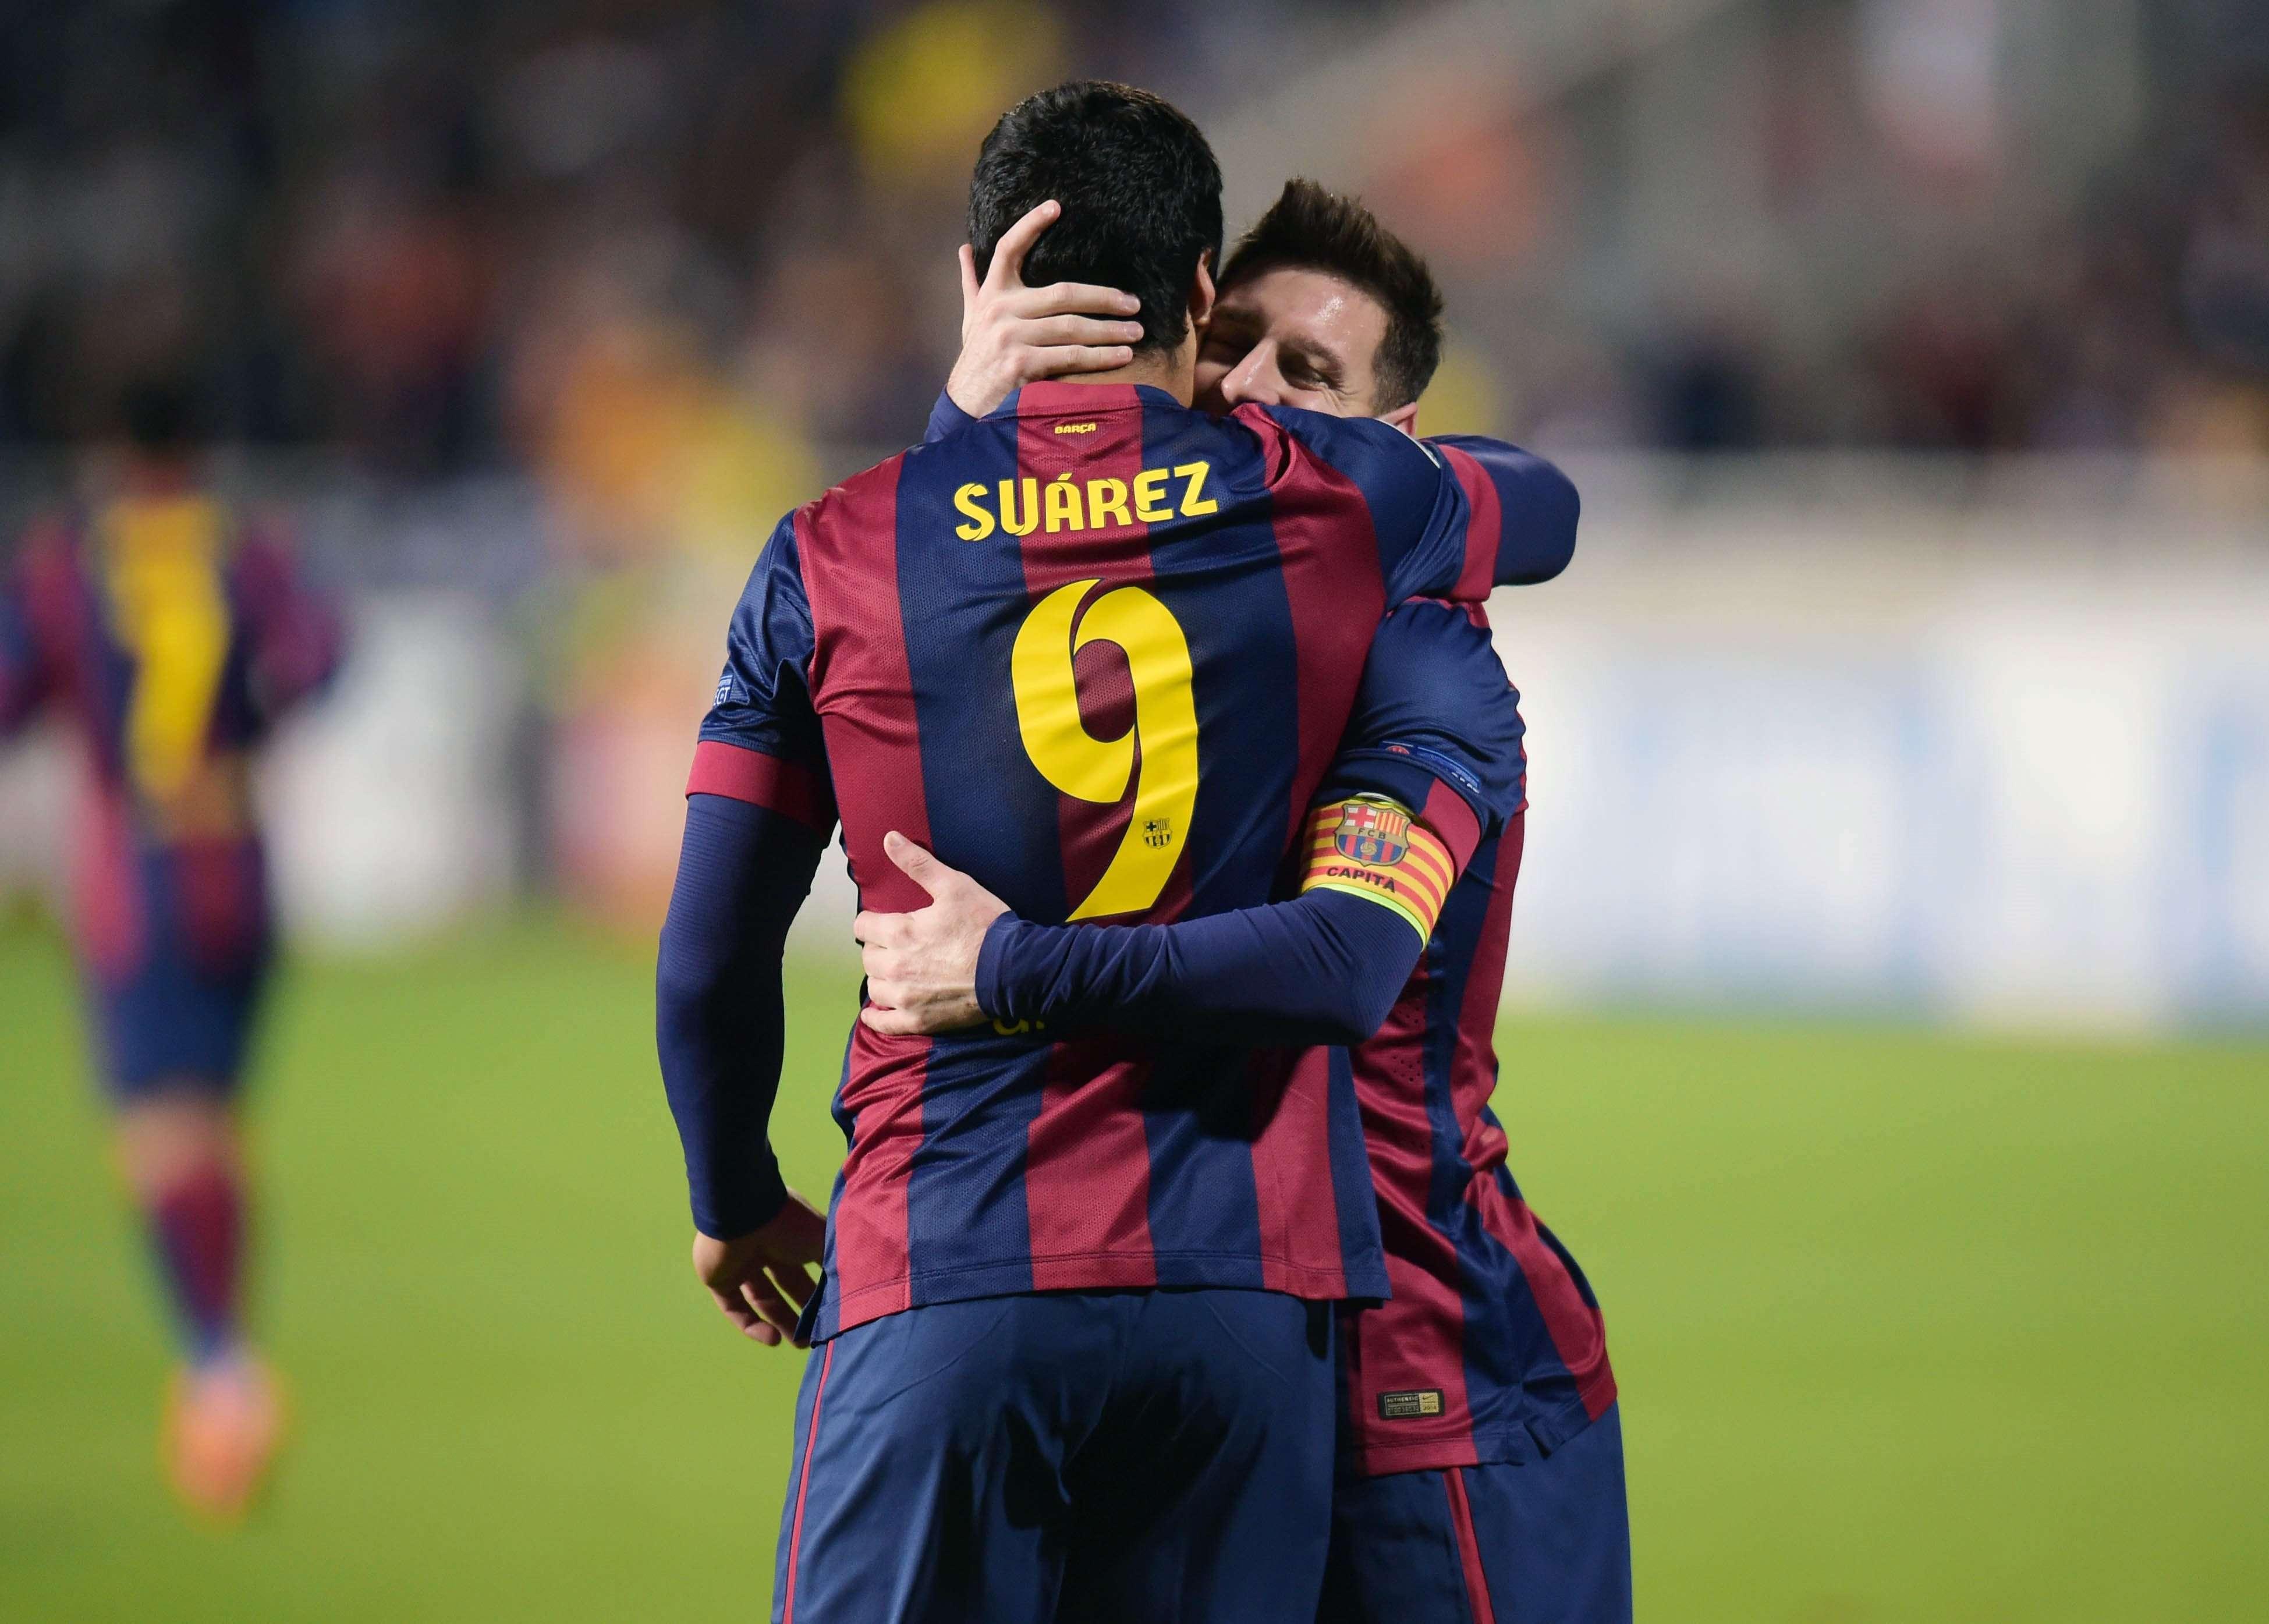 Suárez e Messi se abraçam em comemoração de gol Foto: Andreas Manolis/Reuters